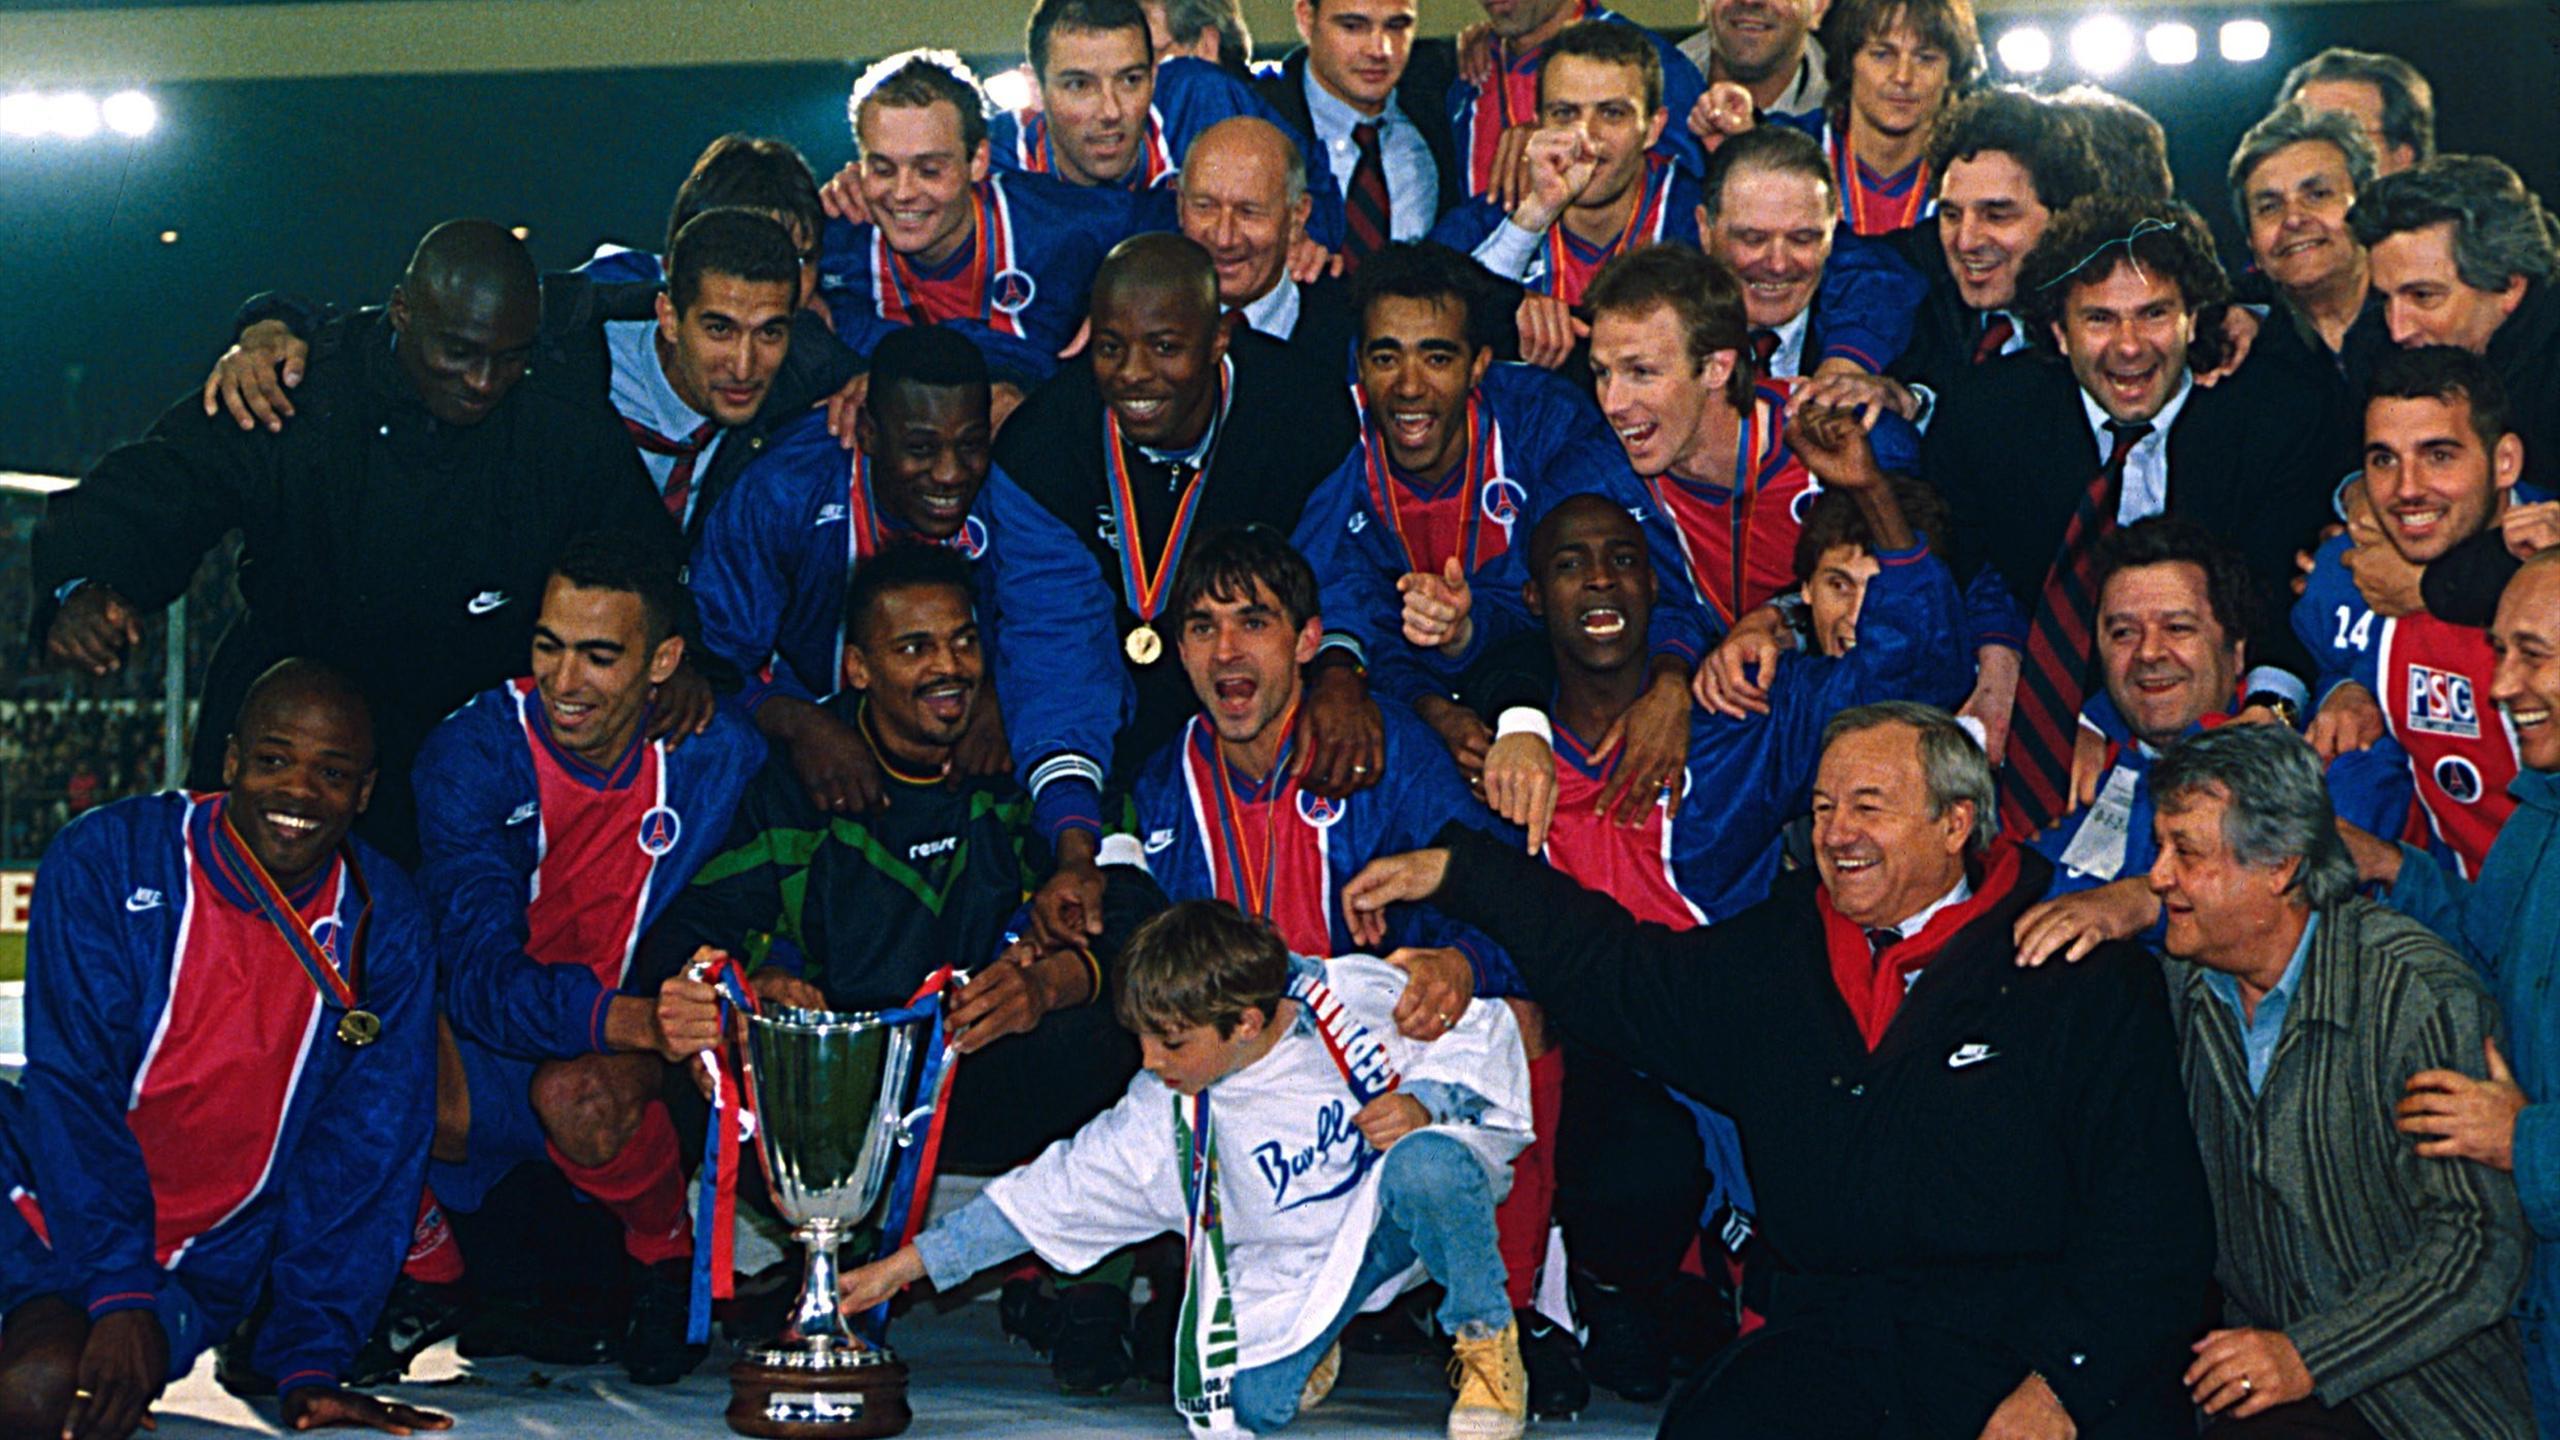 Il y a 20 ans, le sacre du PSG en Coupe des Coupes - Eurosport